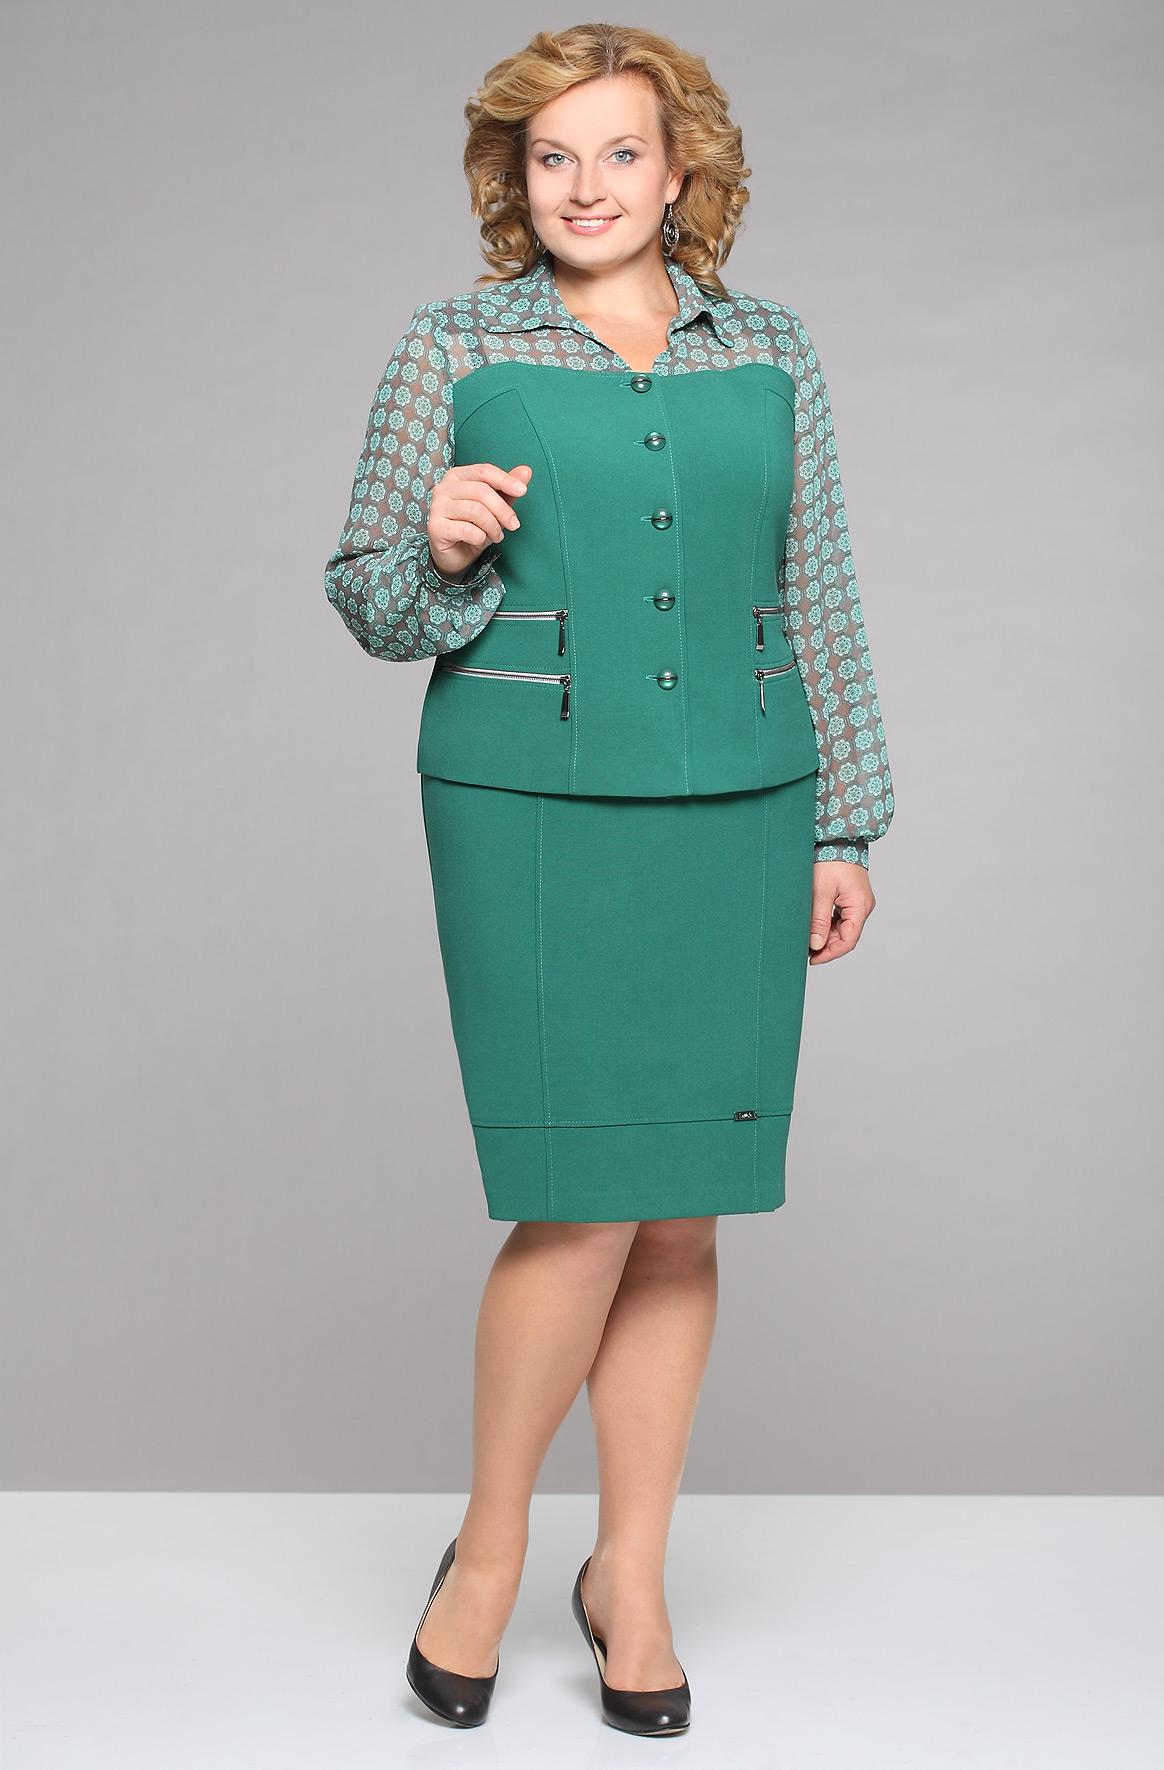 Мы предлагаем вам широкий выбор одежды для полных женщин по очень выгодным ценам